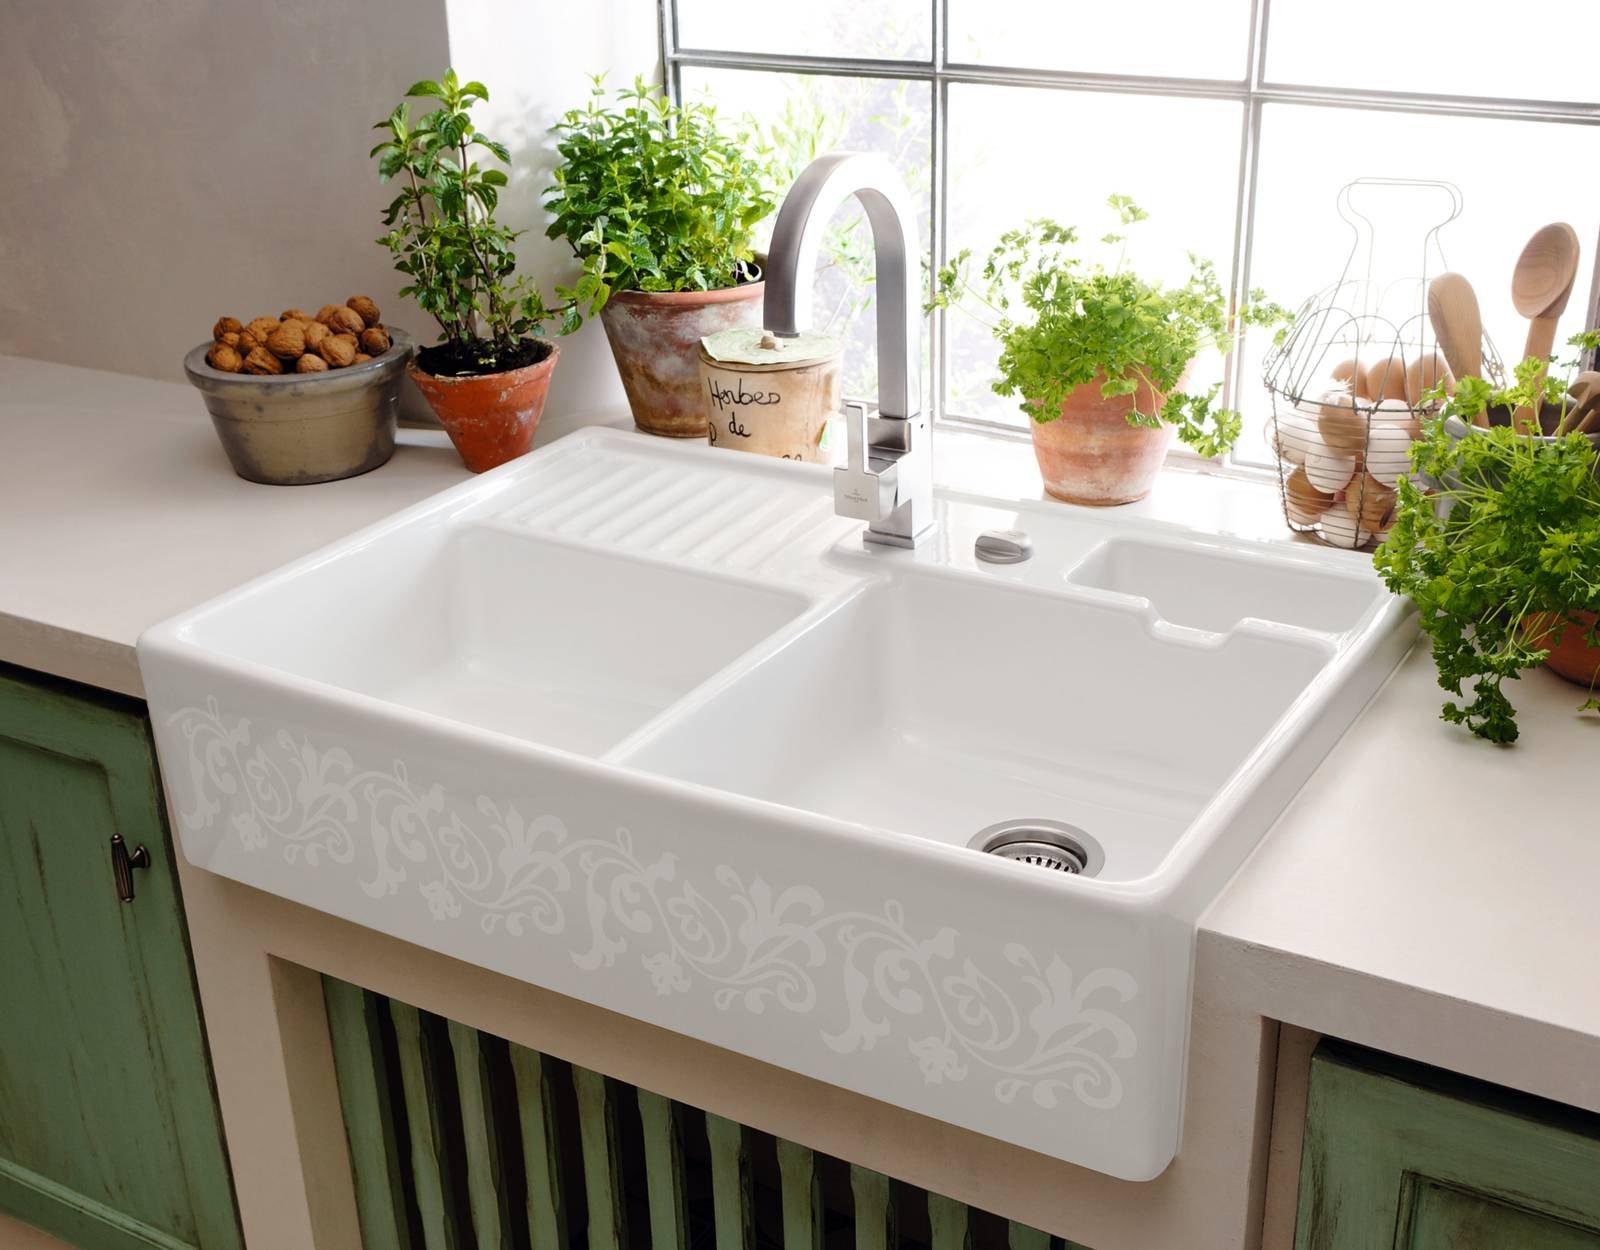 Lavello Quale Materiale Scegliere Per Il Lavandino Della Cucina Cose Di Casa